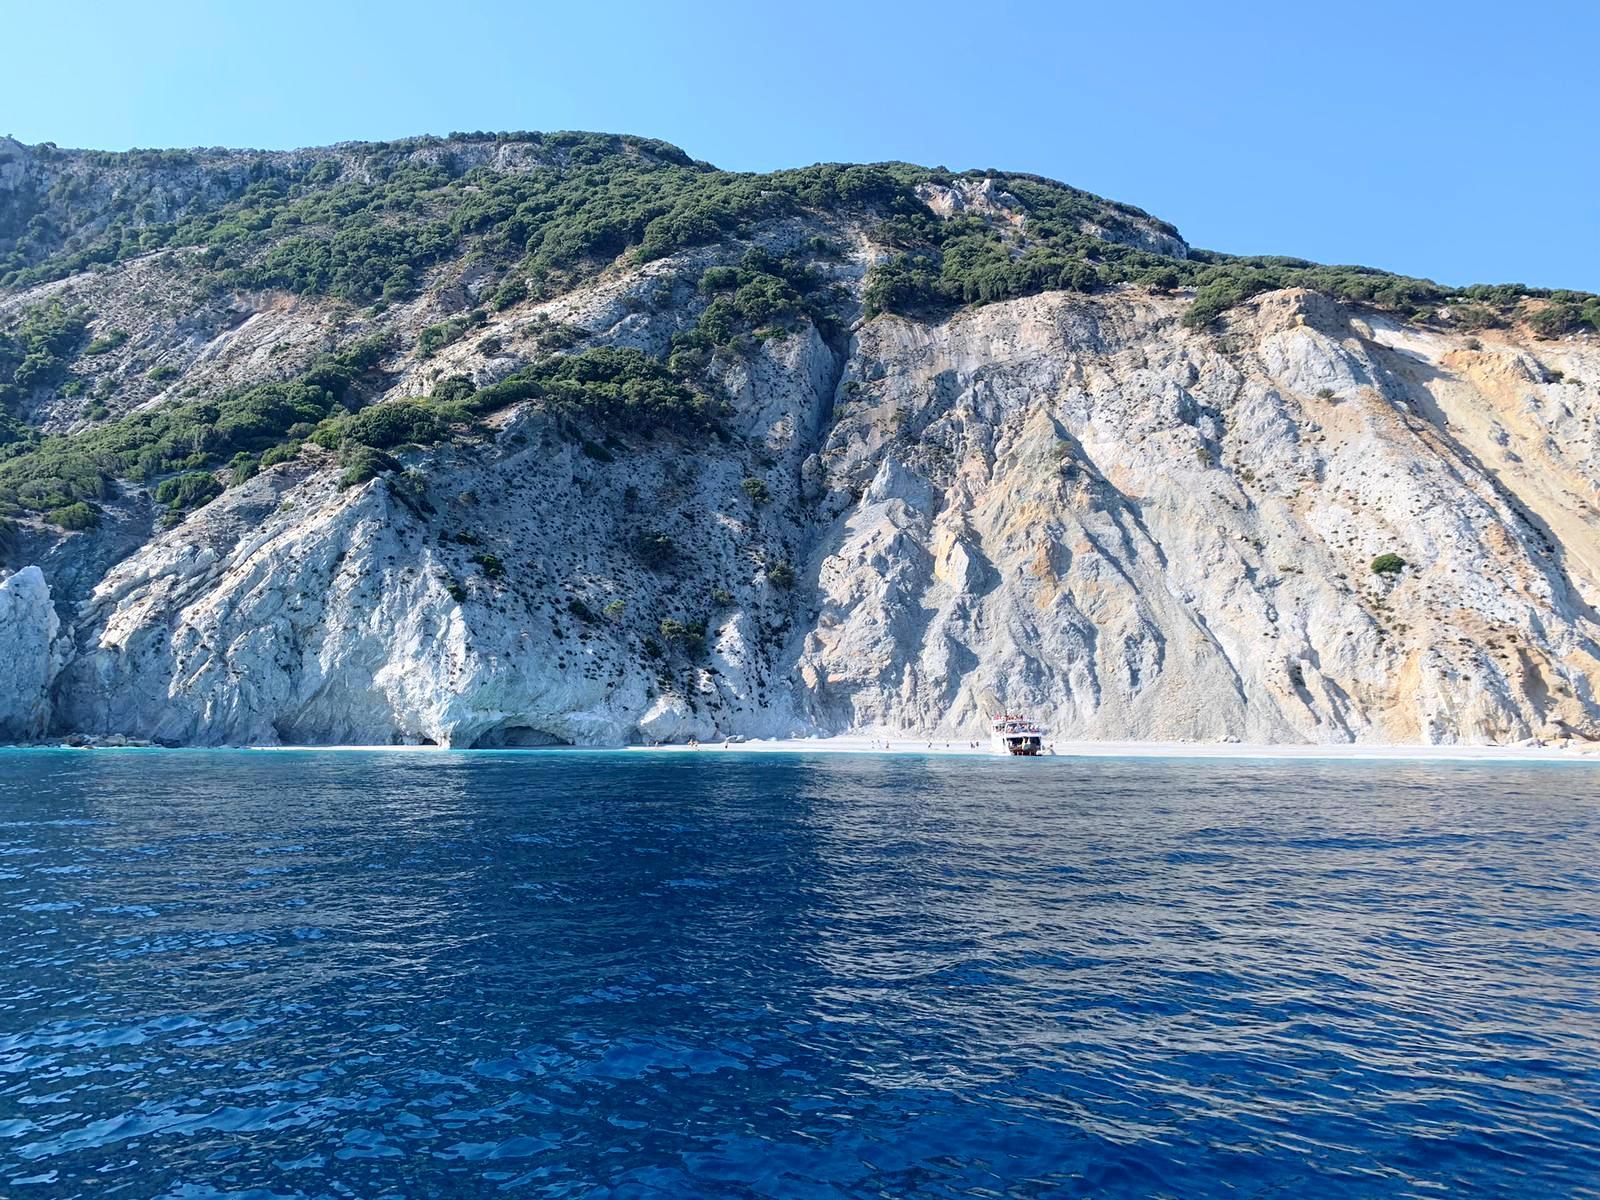 Imagini de la turişti: Excursie la plaja sălbatică Lalaria, Skiathos, foto@ANCAPAVEL.RO